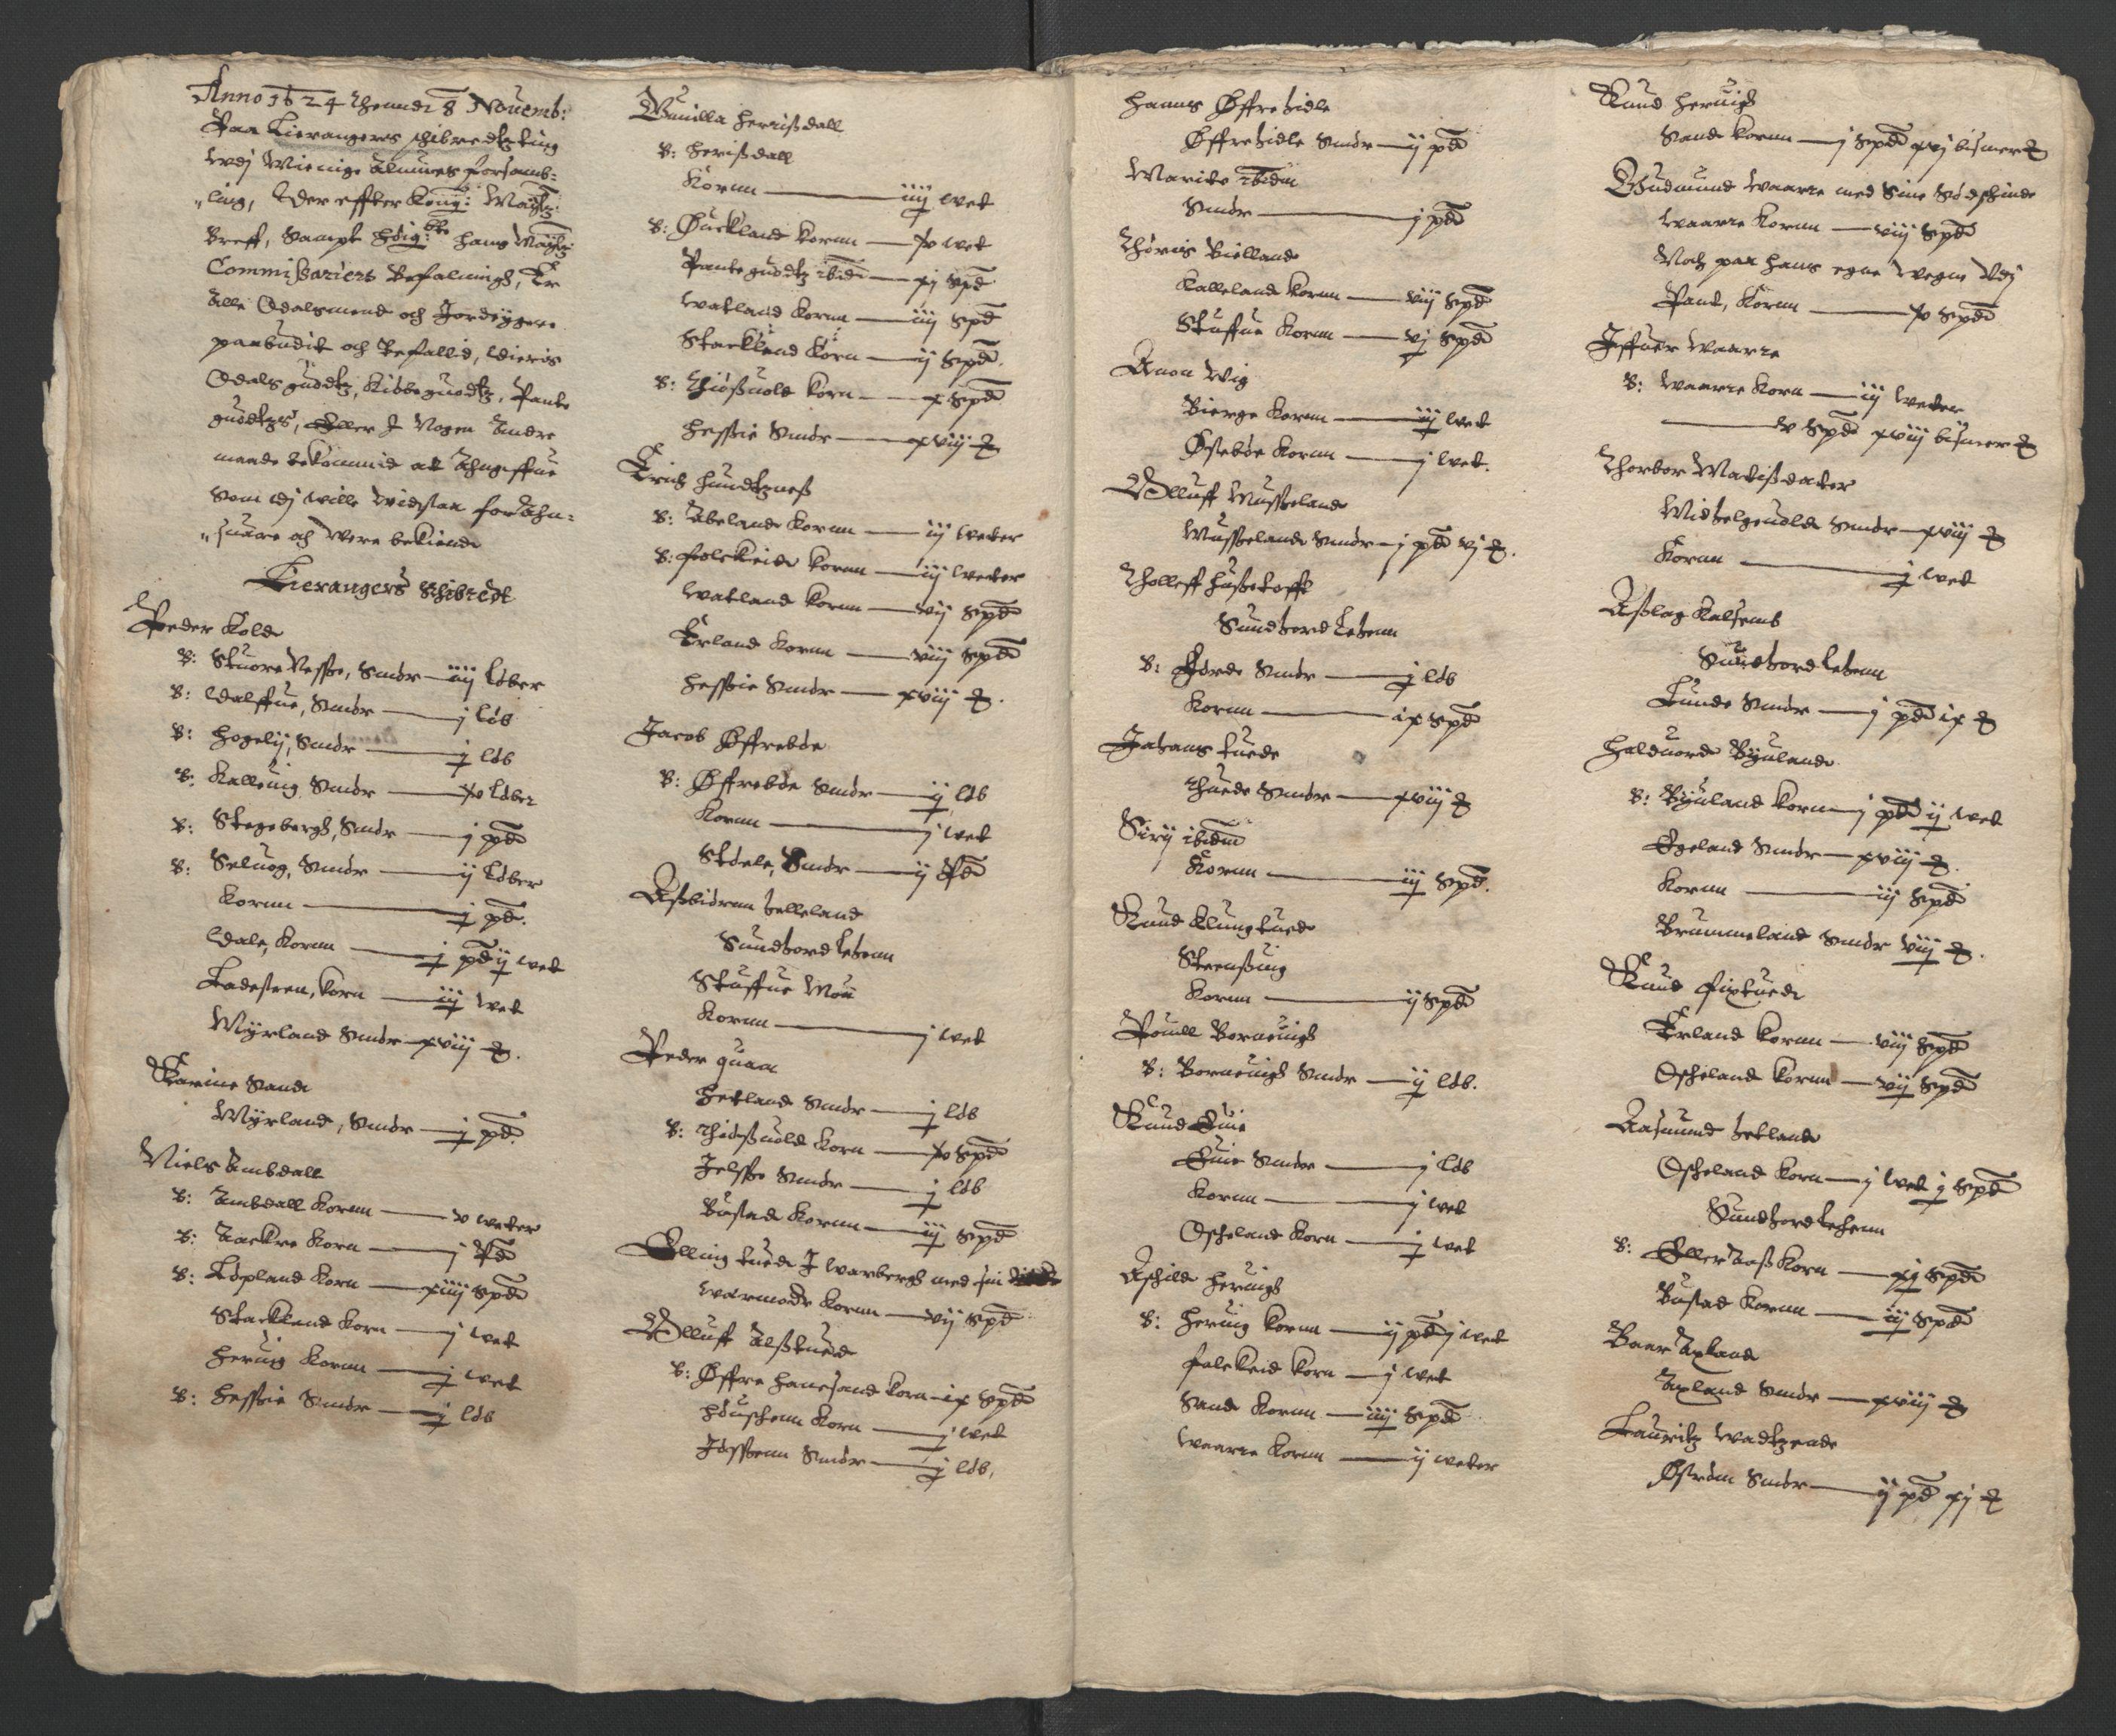 RA, Stattholderembetet 1572-1771, Ek/L0010: Jordebøker til utlikning av rosstjeneste 1624-1626:, 1624-1626, s. 13